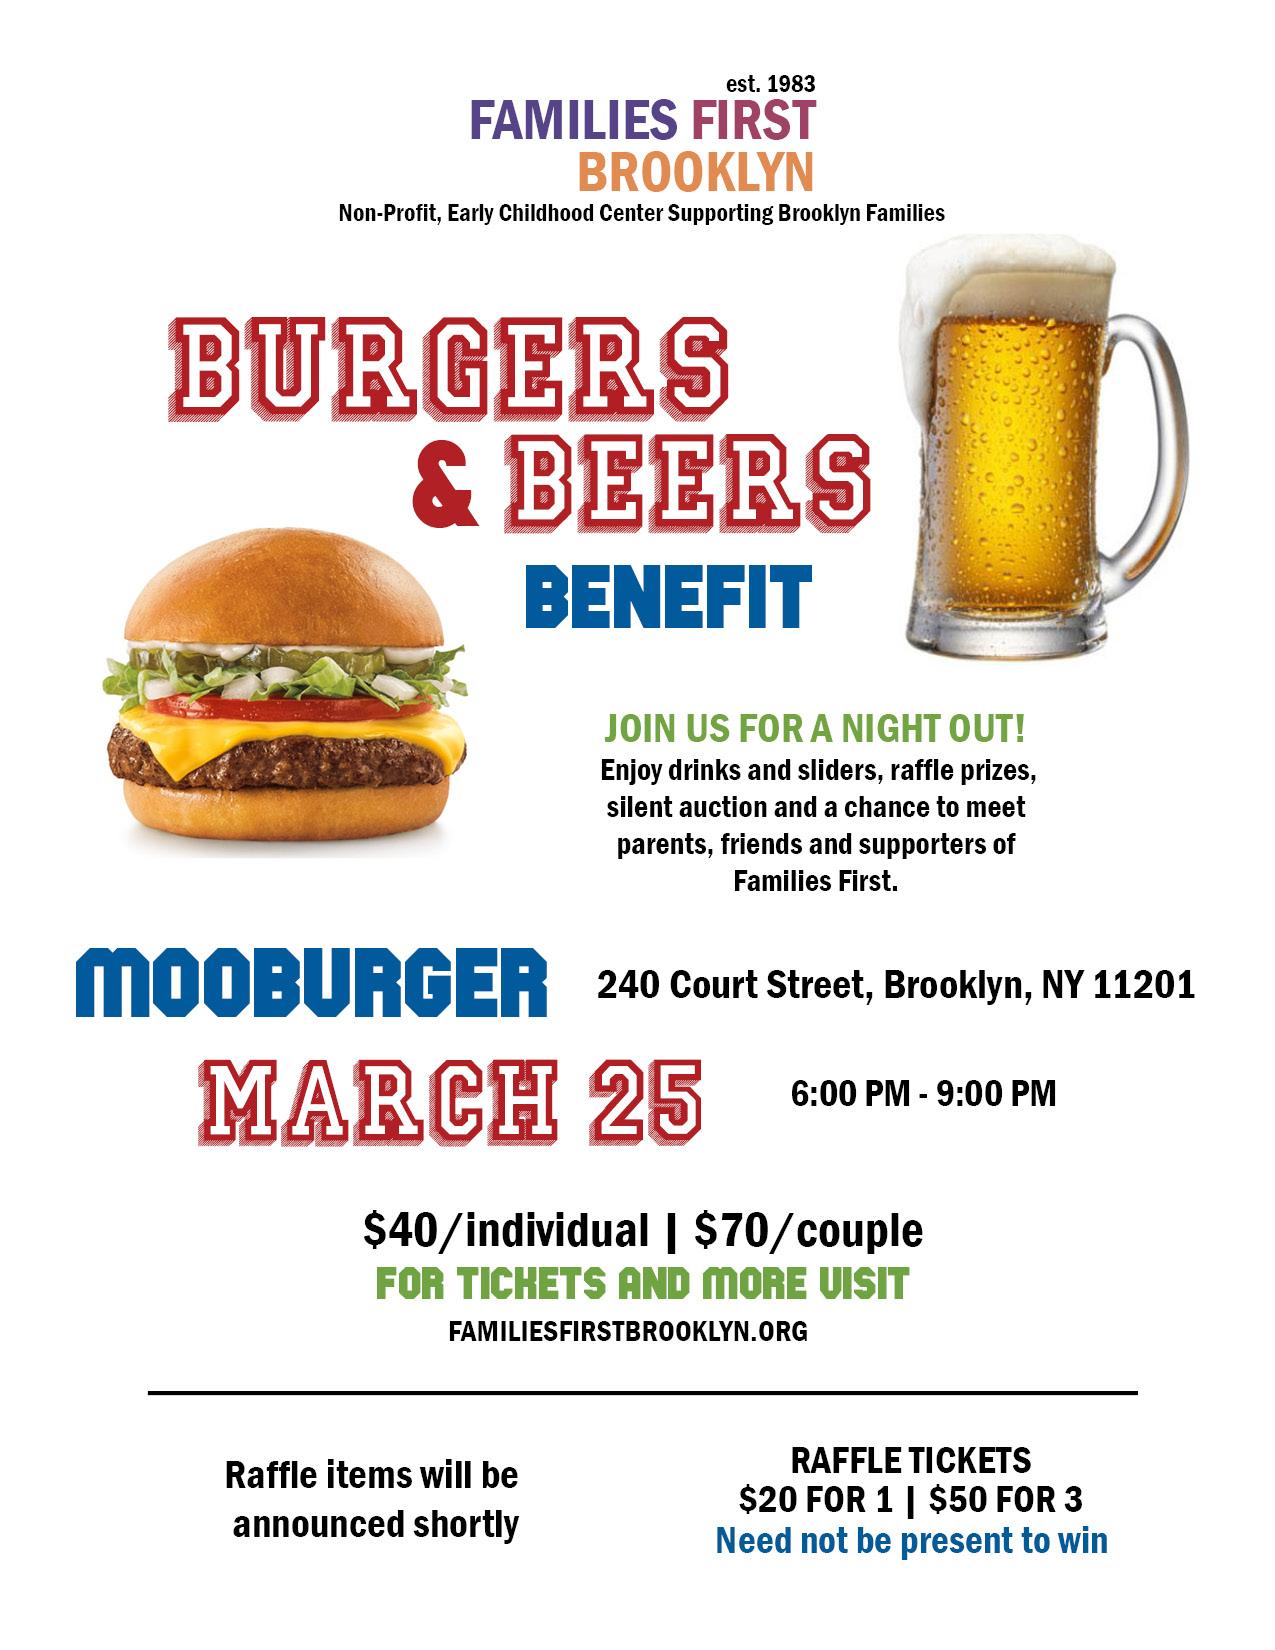 Burgers-and-Beers-Flyer.jpg